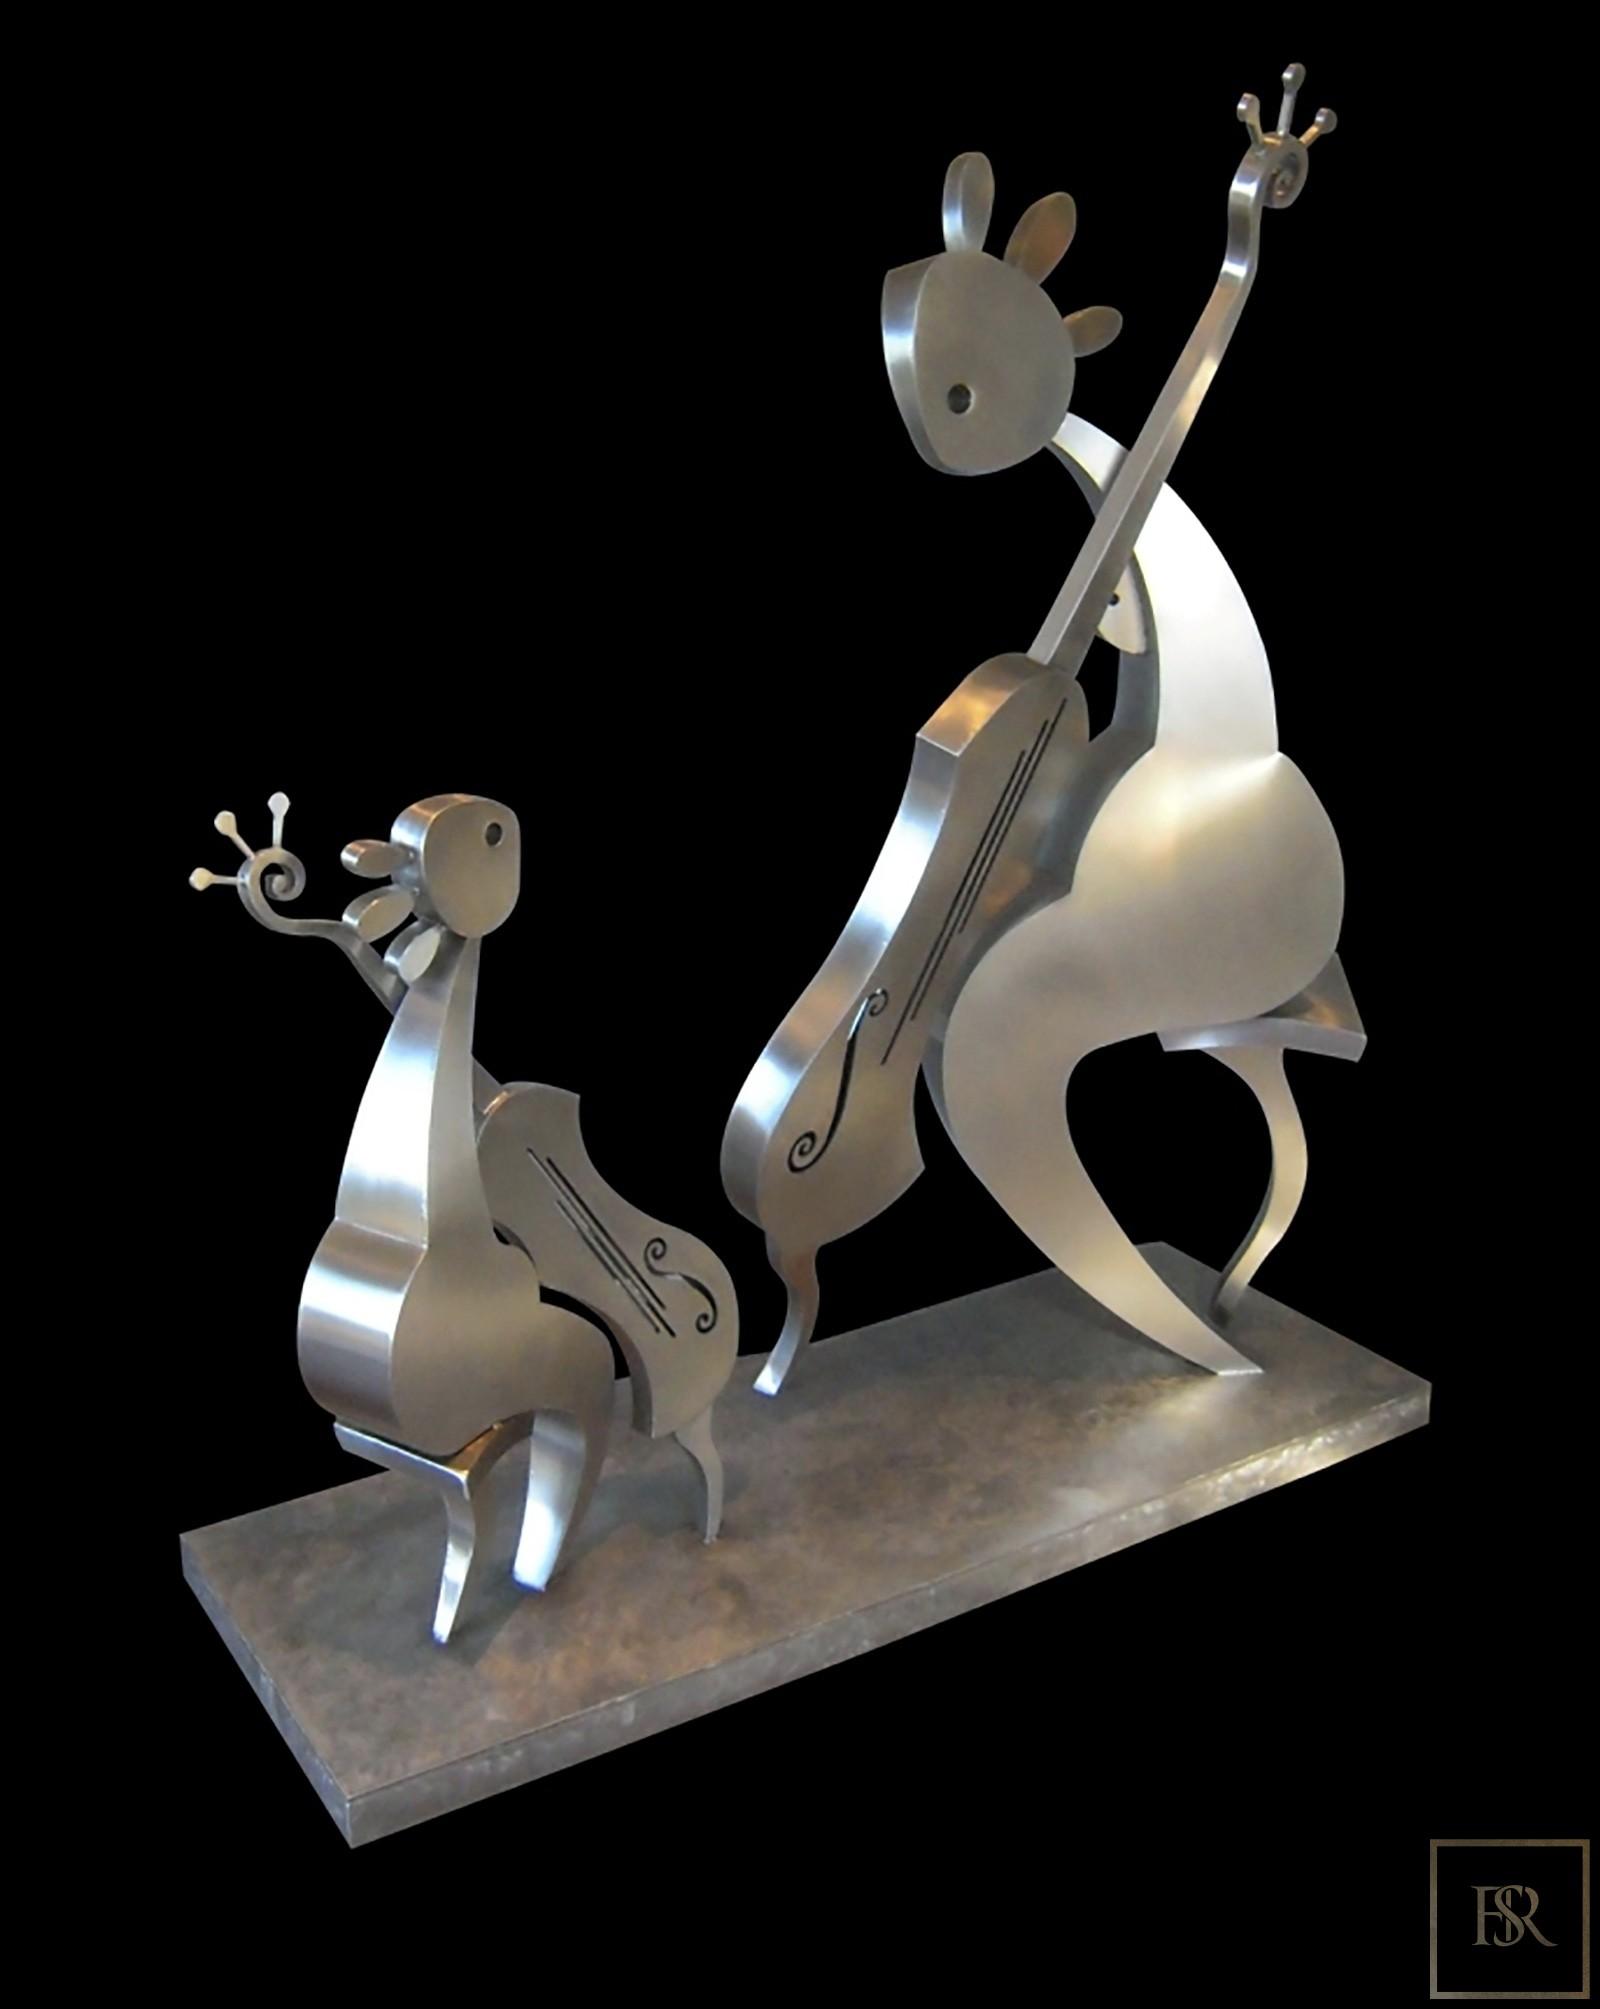 Art Sculpture LA LECON - Stratos for sale For Super Rich